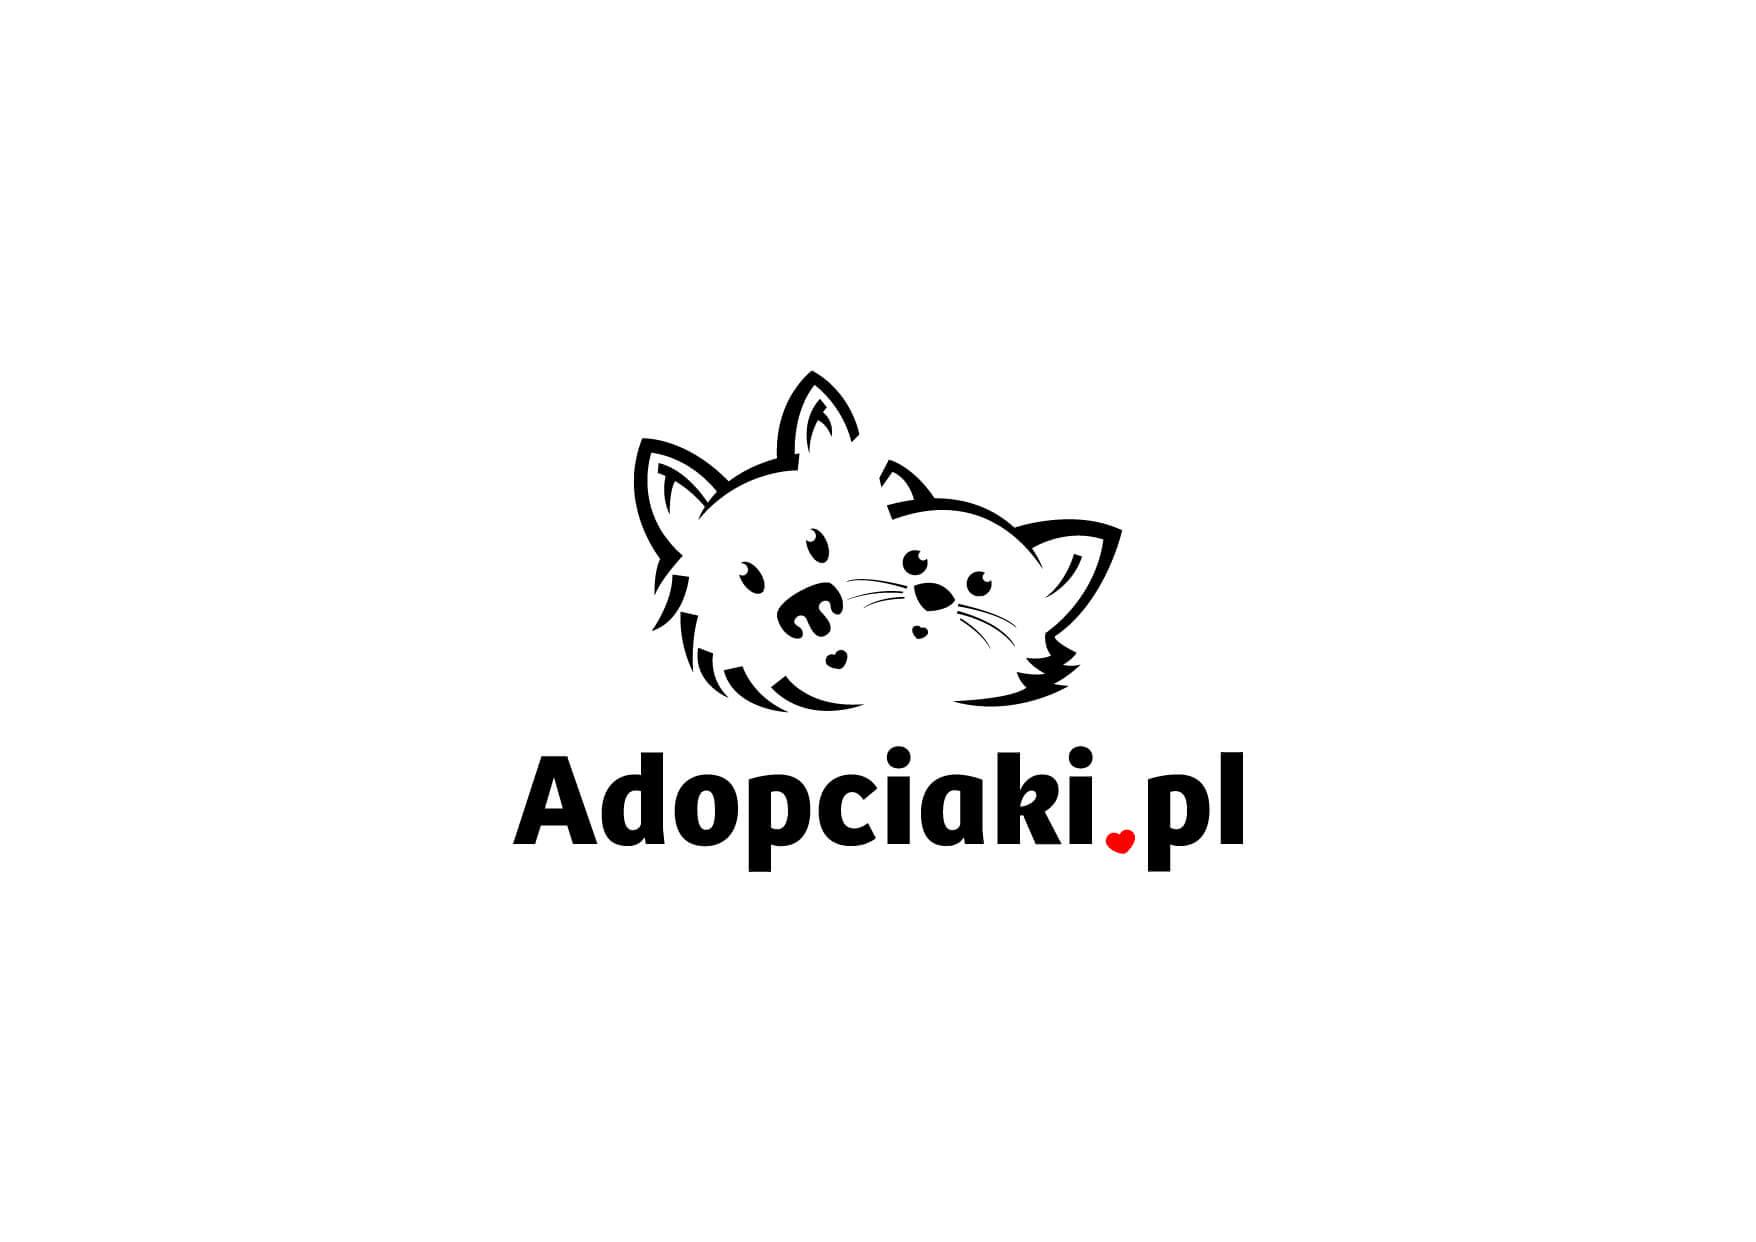 Logo Adopciaki.pl – Rembertów